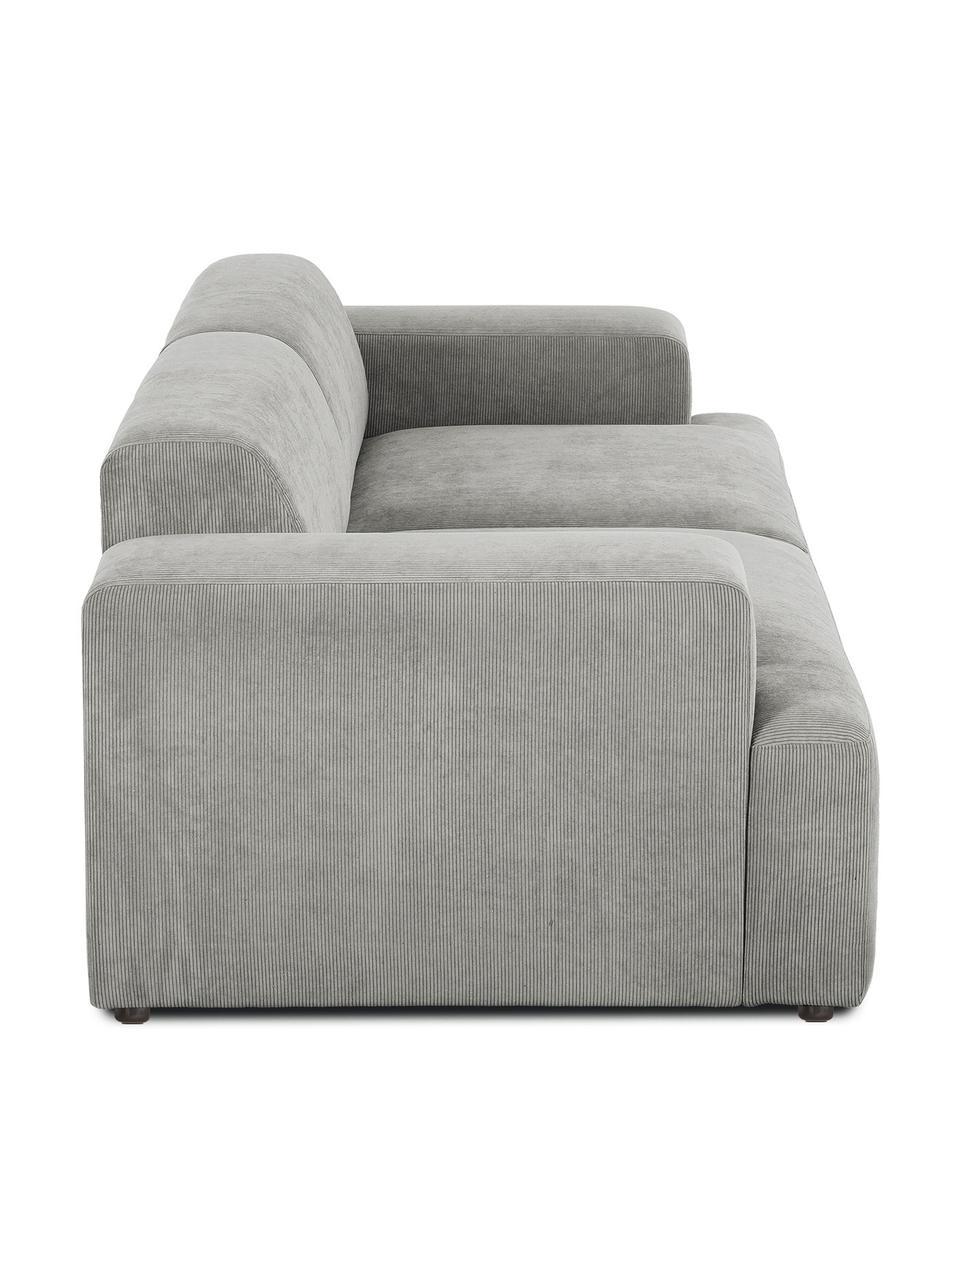 Canapé 3places velours côtelé gris Melva, Velours côtelé gris